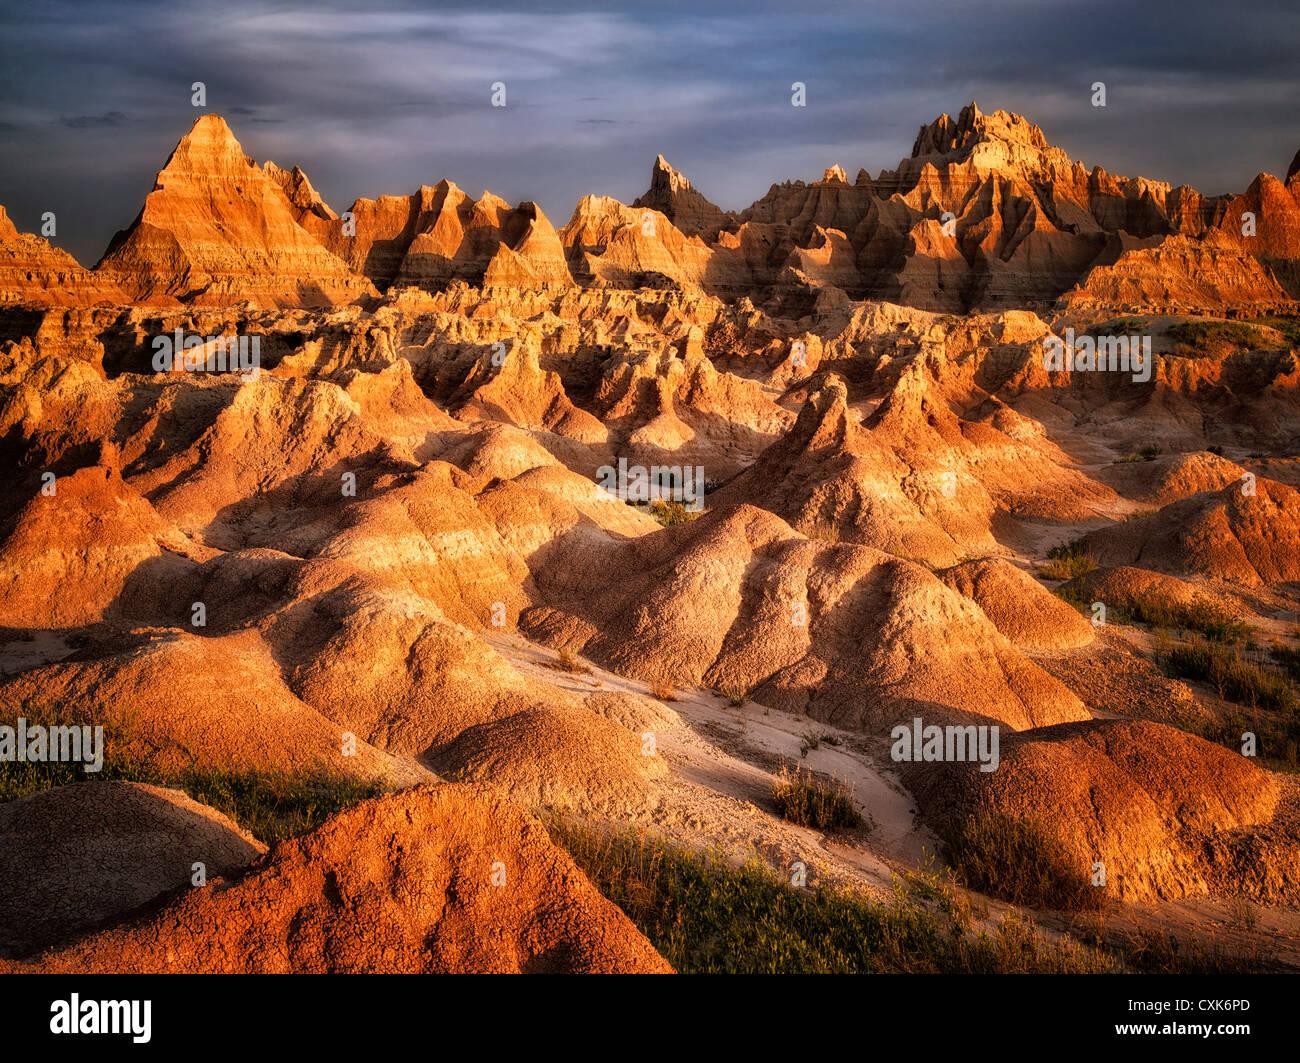 Eroded rock formations in Badlands National Park, South Dakota. - Stock Image